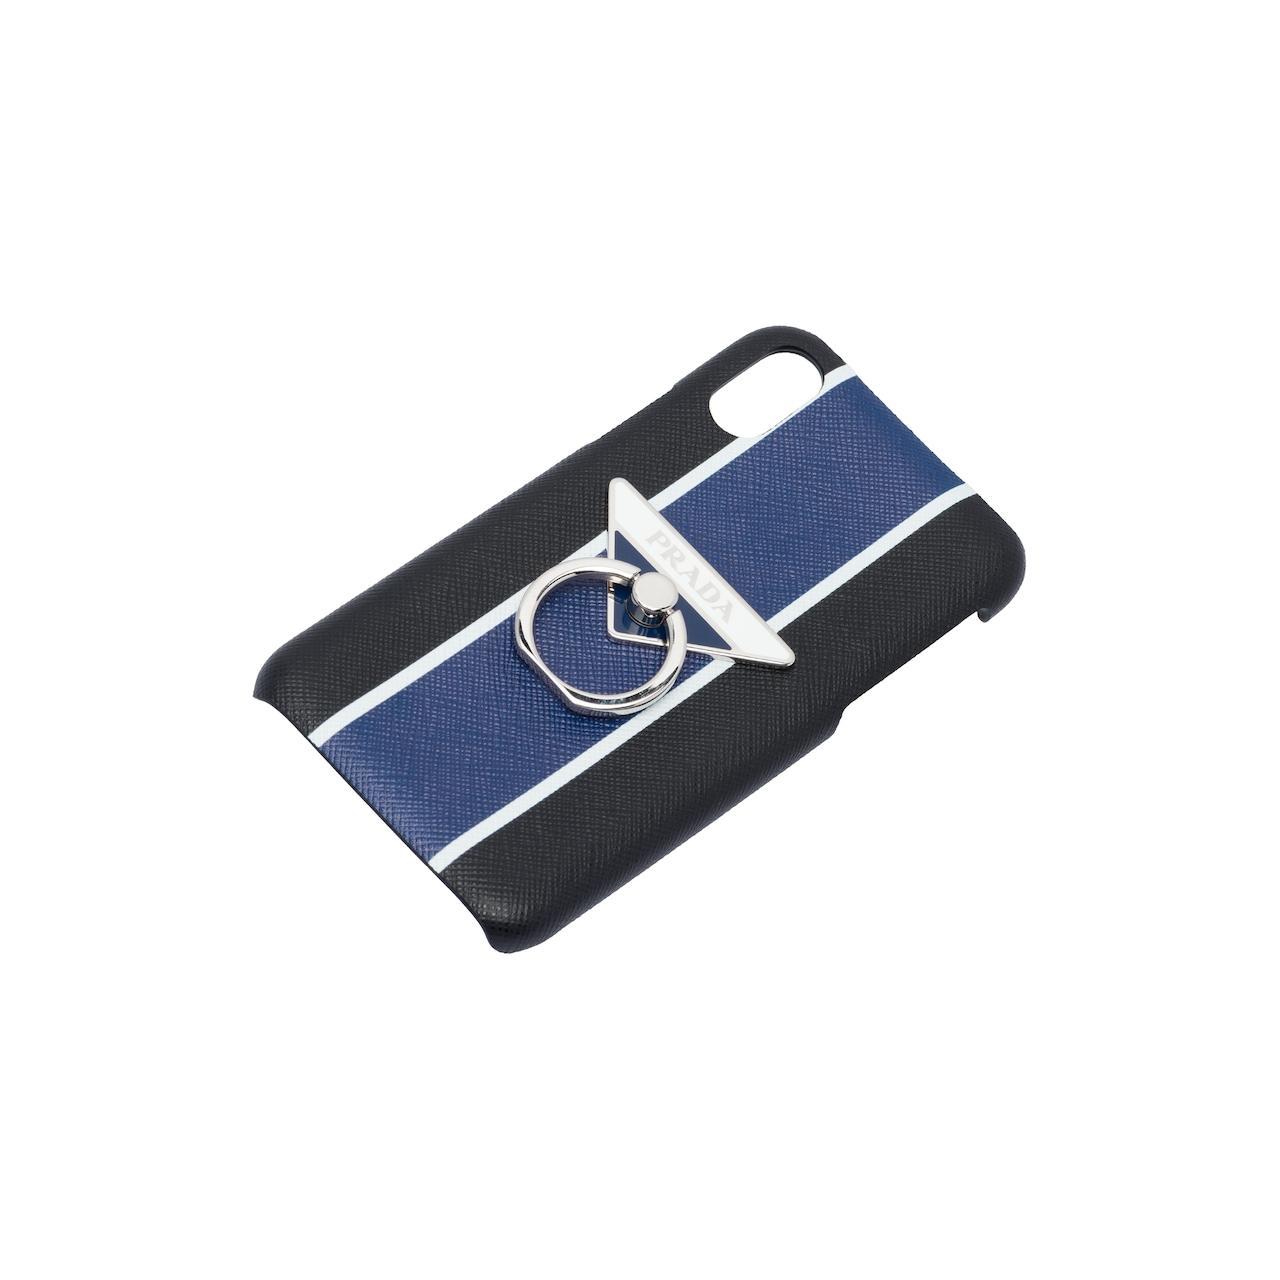 Prada Saffiano 皮革iPhone X 和XS 手机套 4